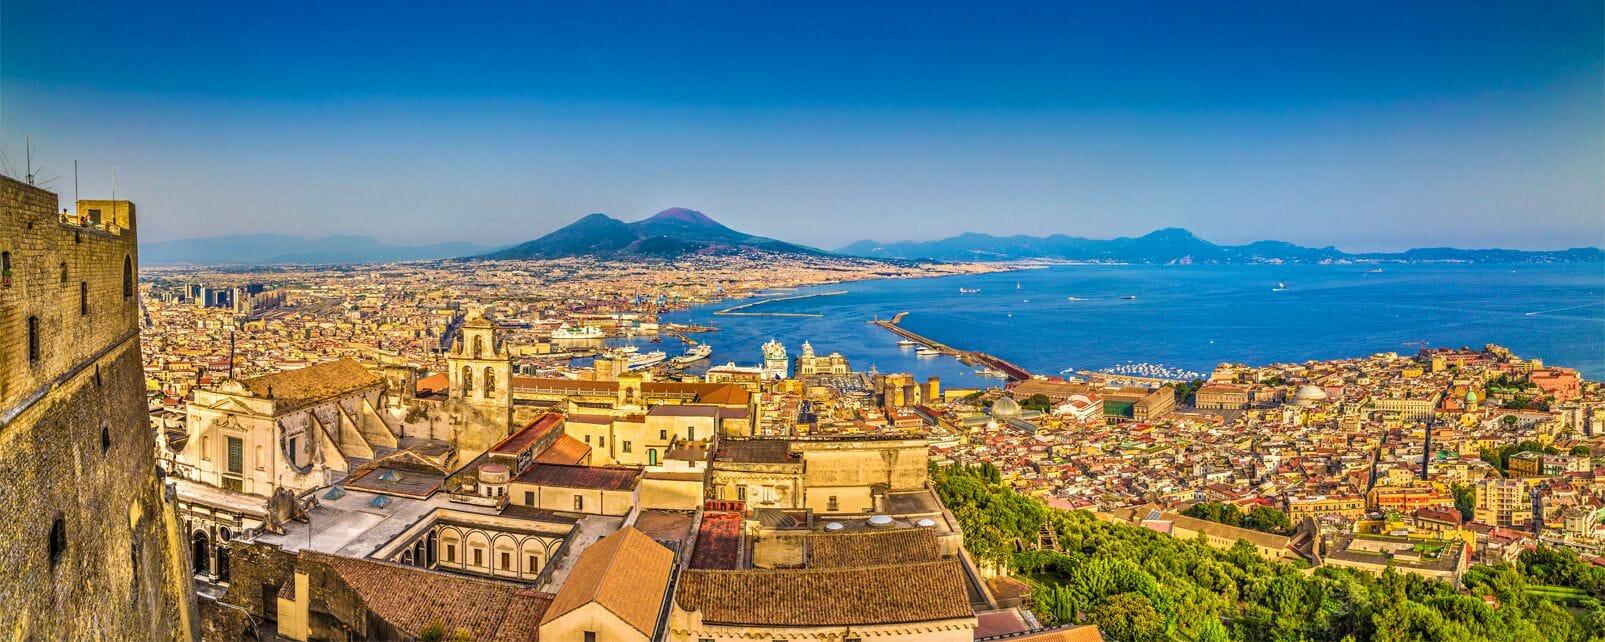 rome to pompeii vesuvius